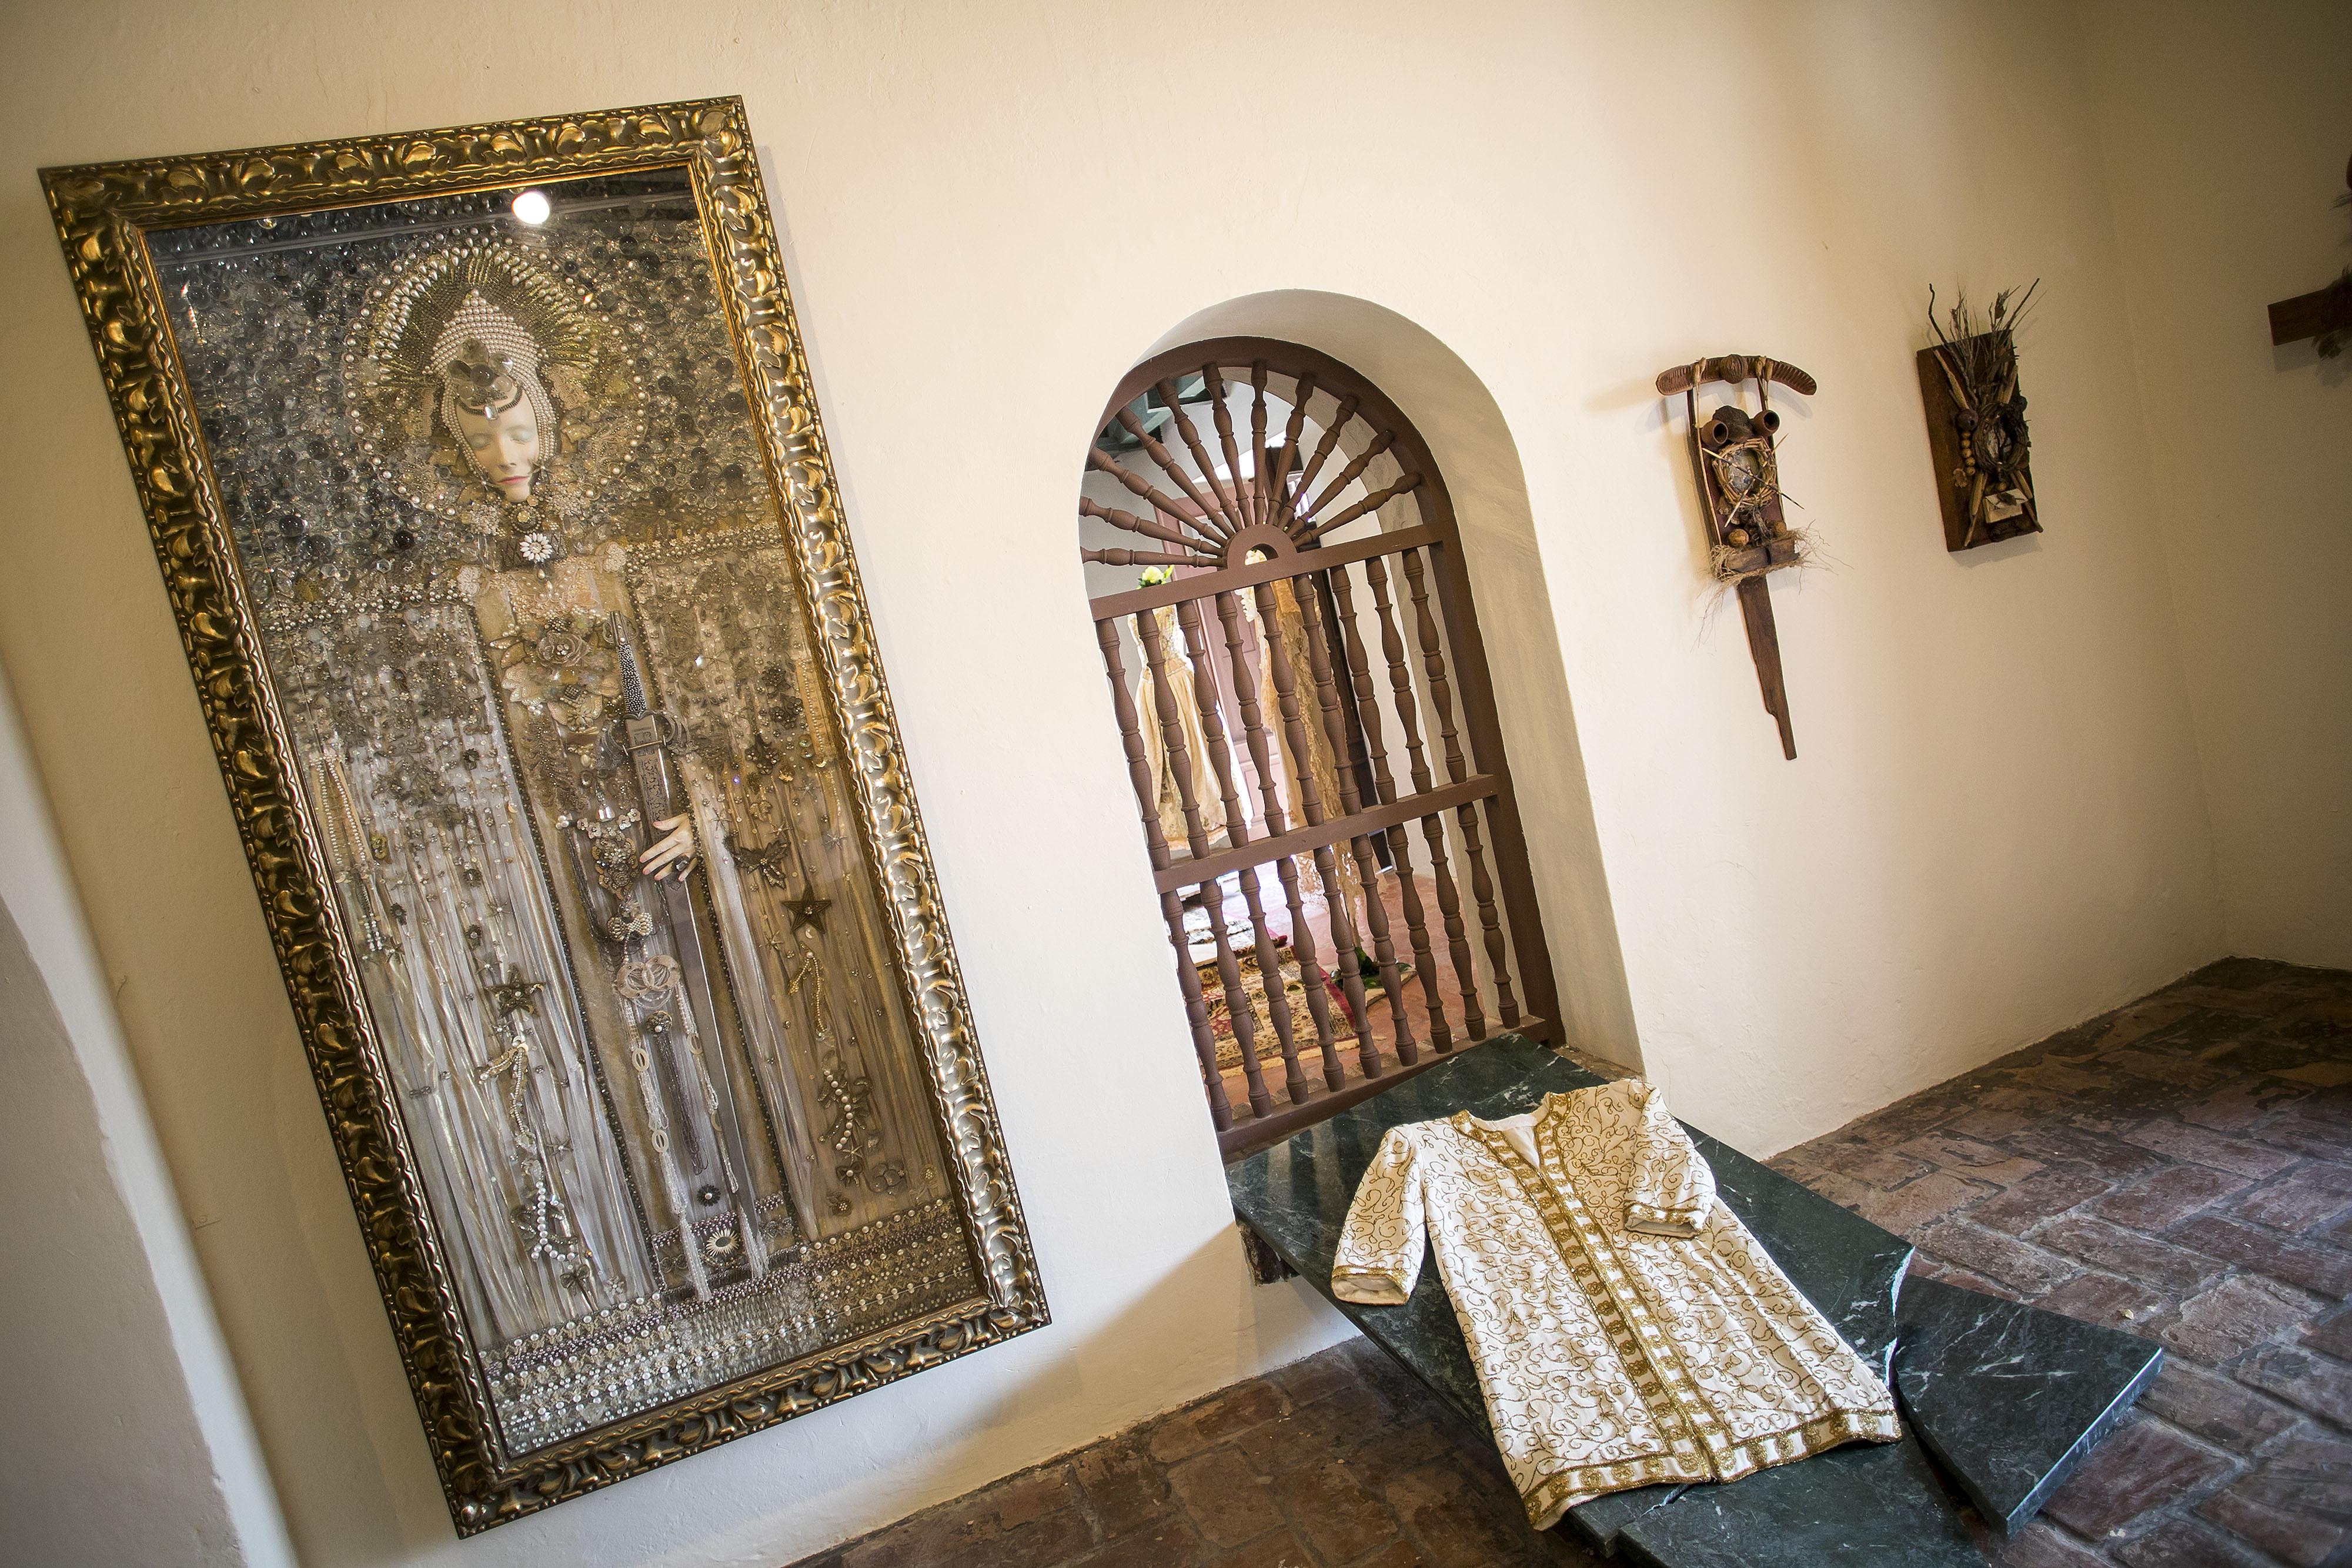 La exhibición que permanecerá por los próximos meses en La Casa de los Contrafuertes, en la Calle San Sebastián del Viejo San Juan. (Foto: Xavier García)